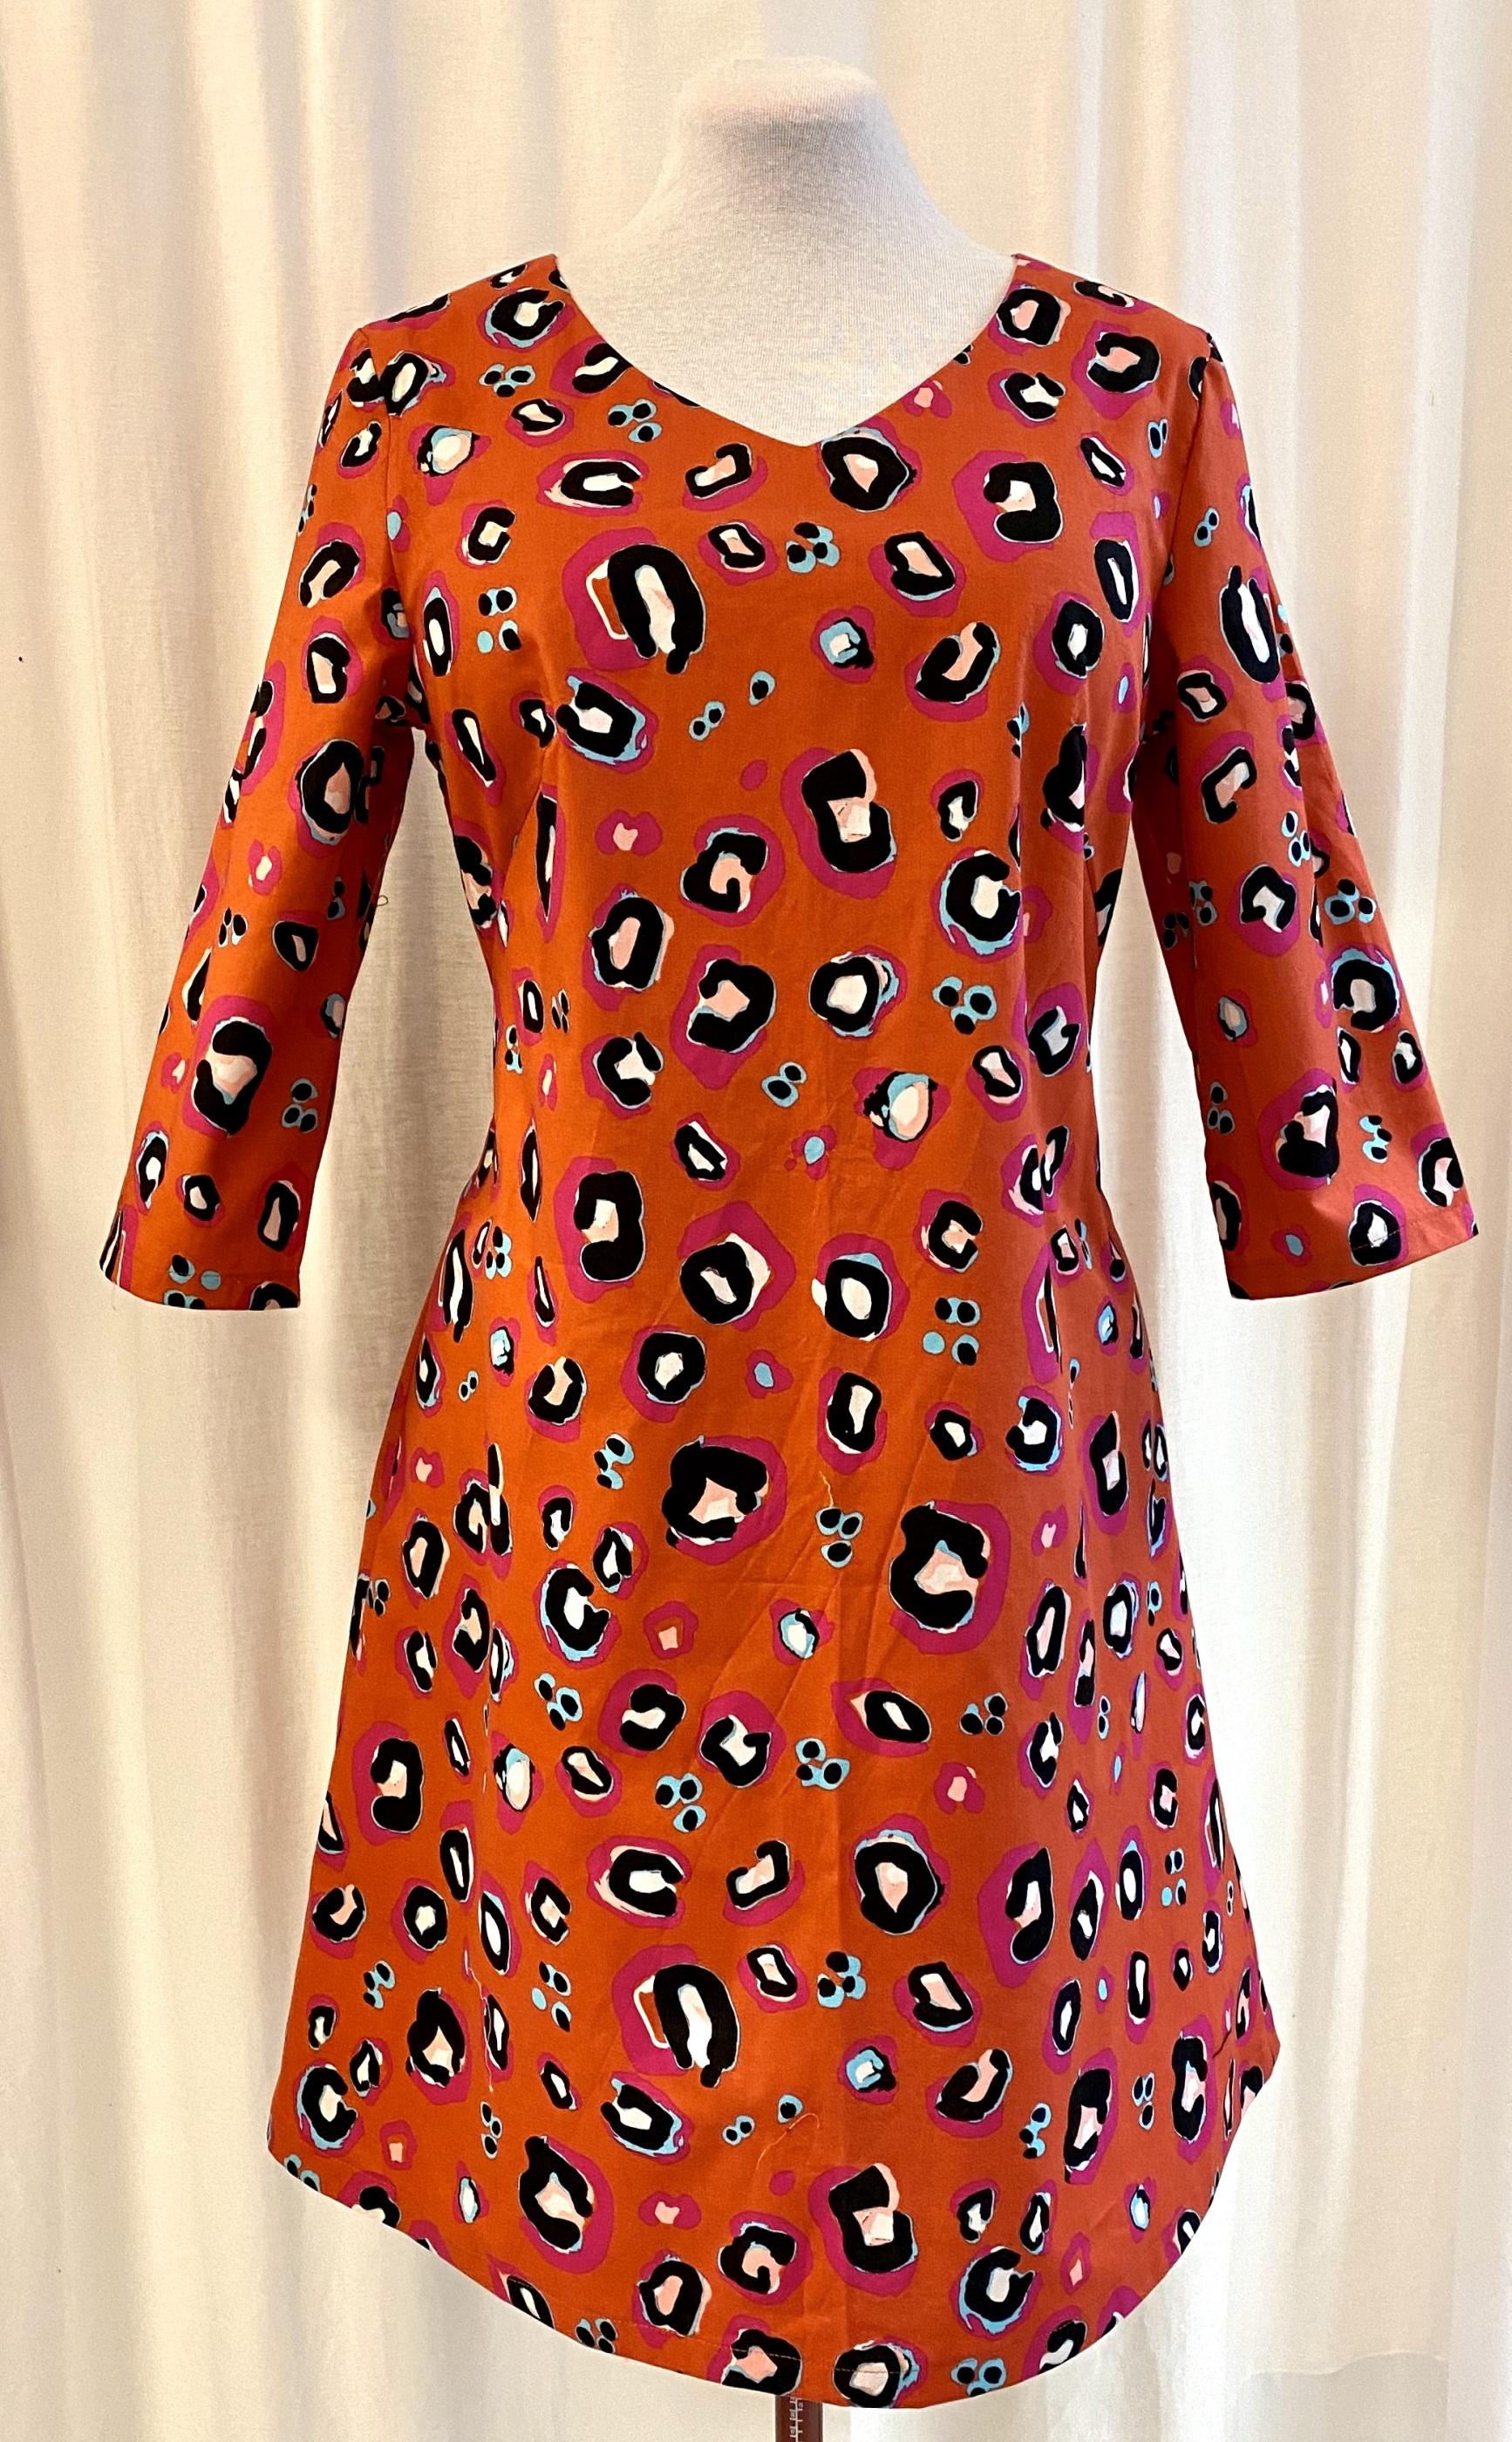 SaraLaholm klänning Solbritt unik design leopard rosa turkos bränd orange djurmönster bomull